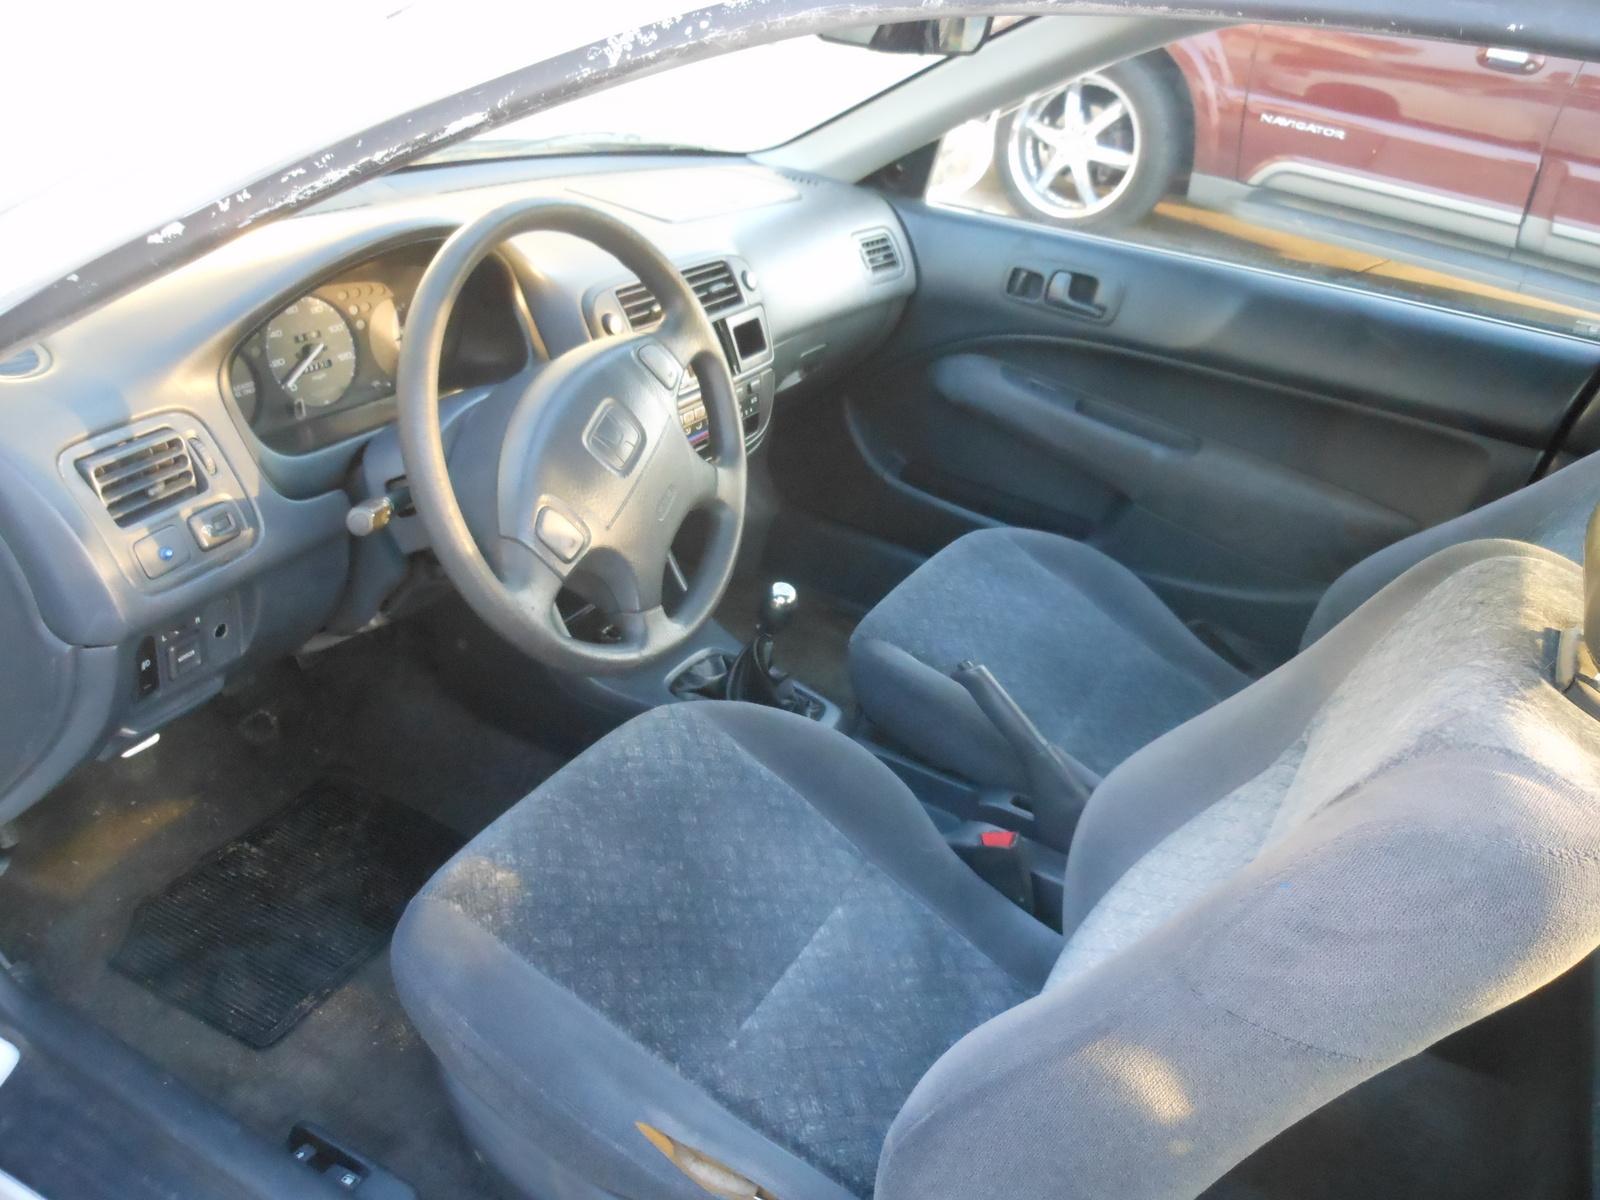 1997 honda civic interior pictures cargurus - 1996 honda civic hatchback interior ...